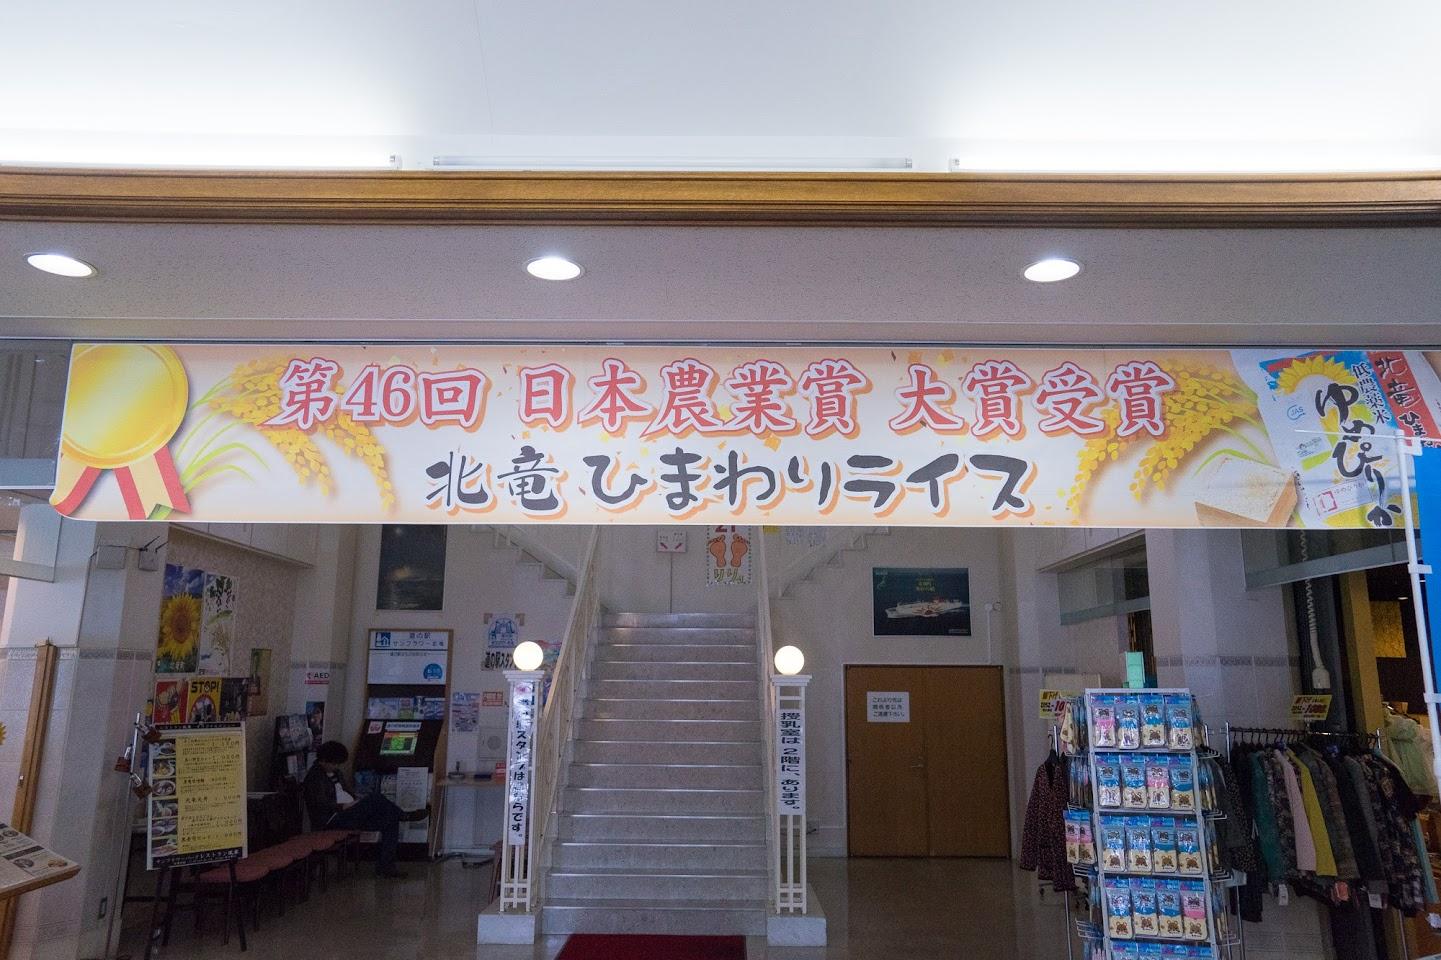 記念の垂れ幕